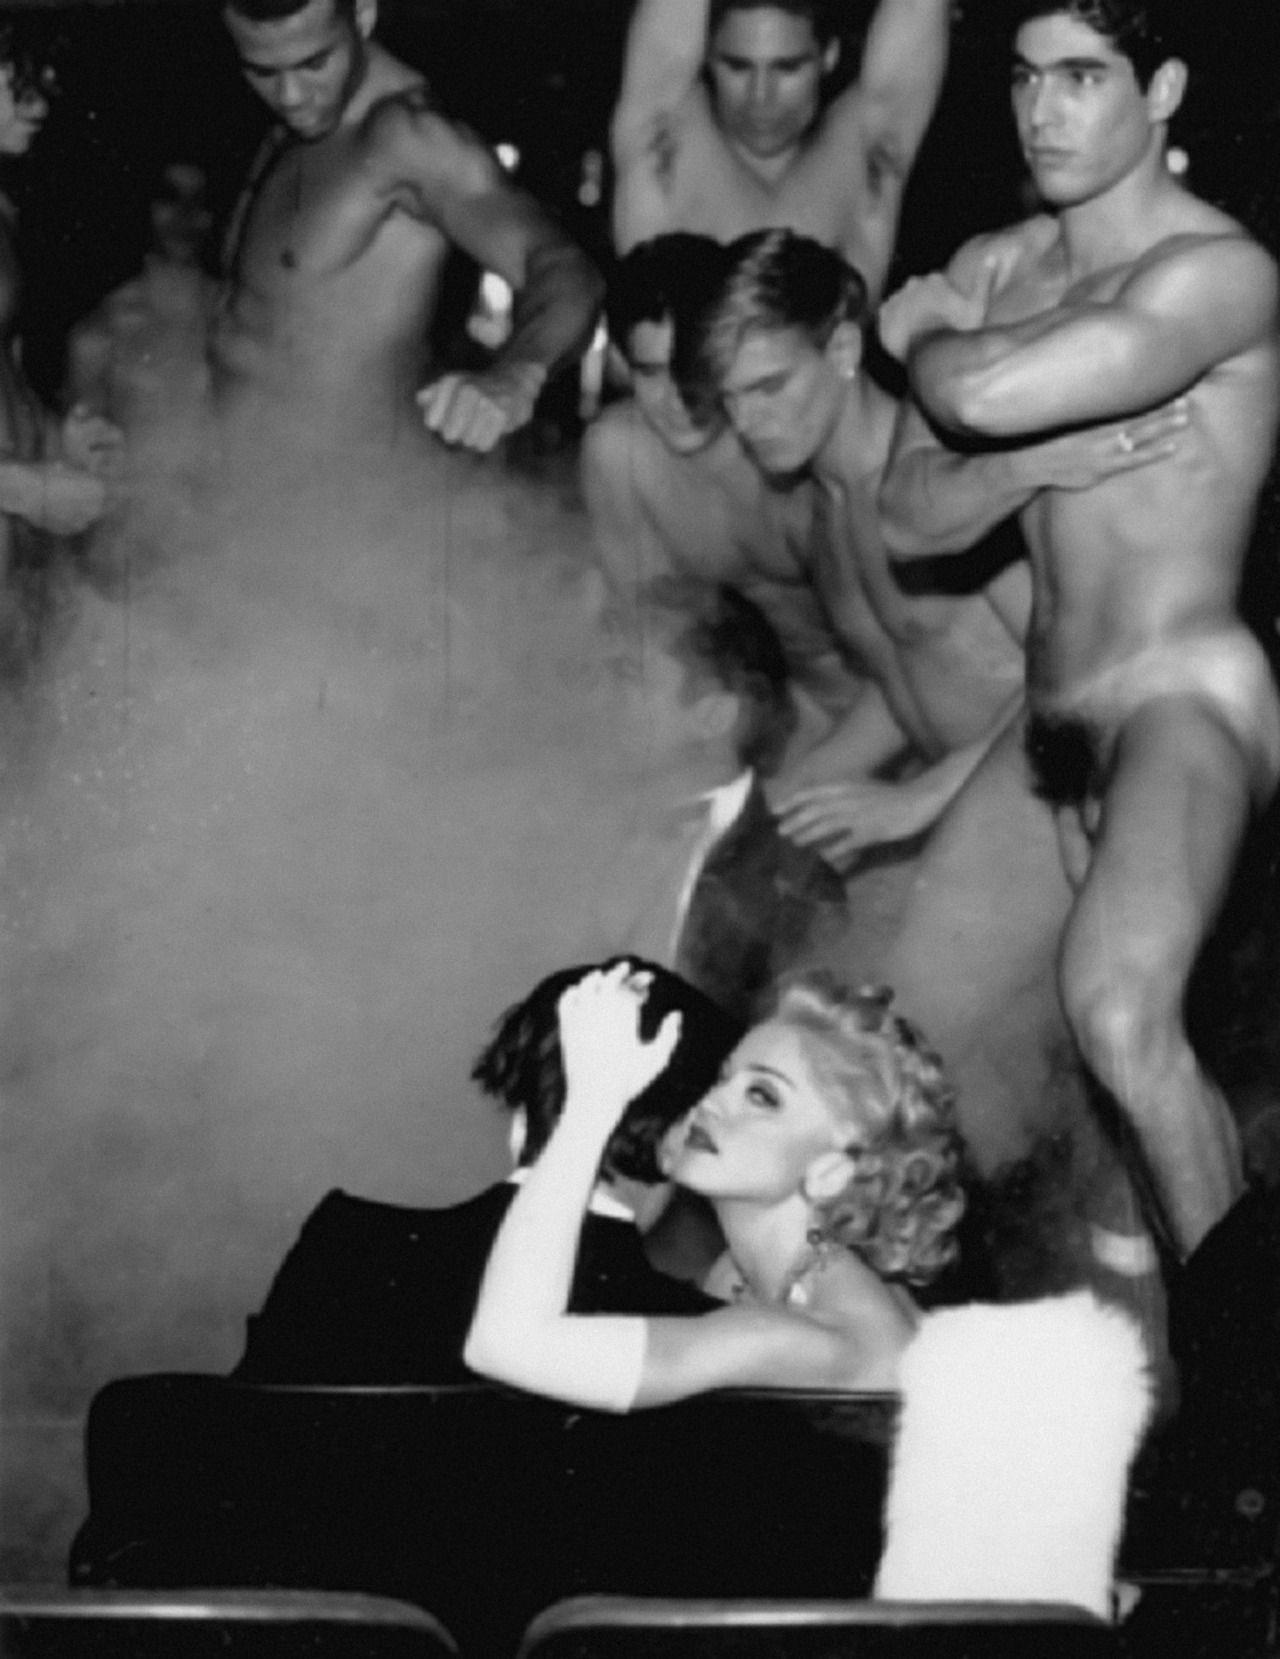 Club exhibitionist premises sex